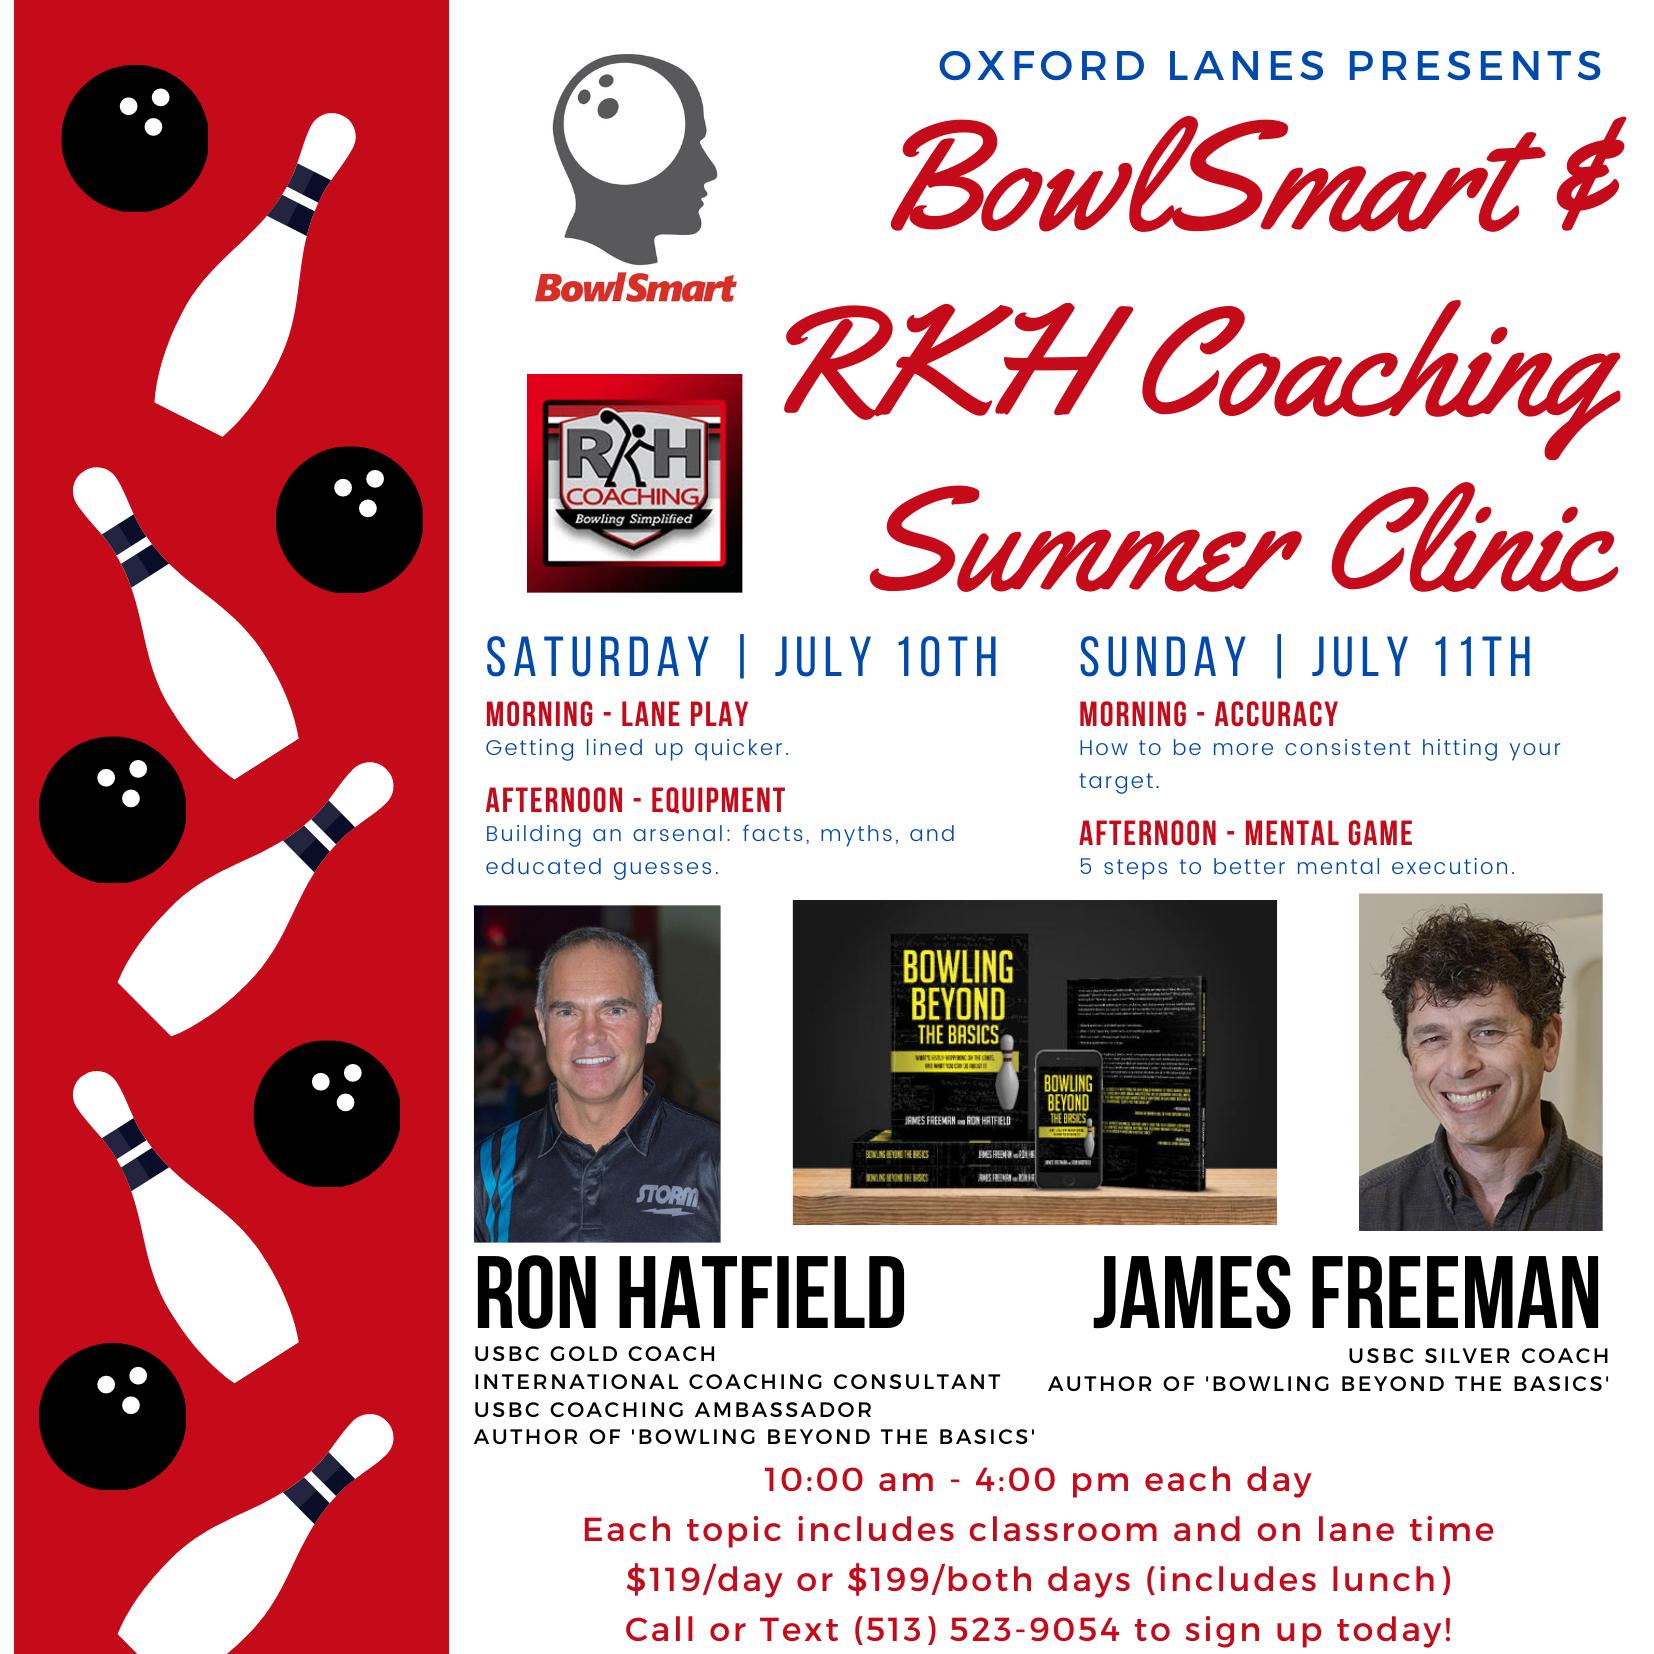 BowlSmart & RKH Coaching Summer Clinic